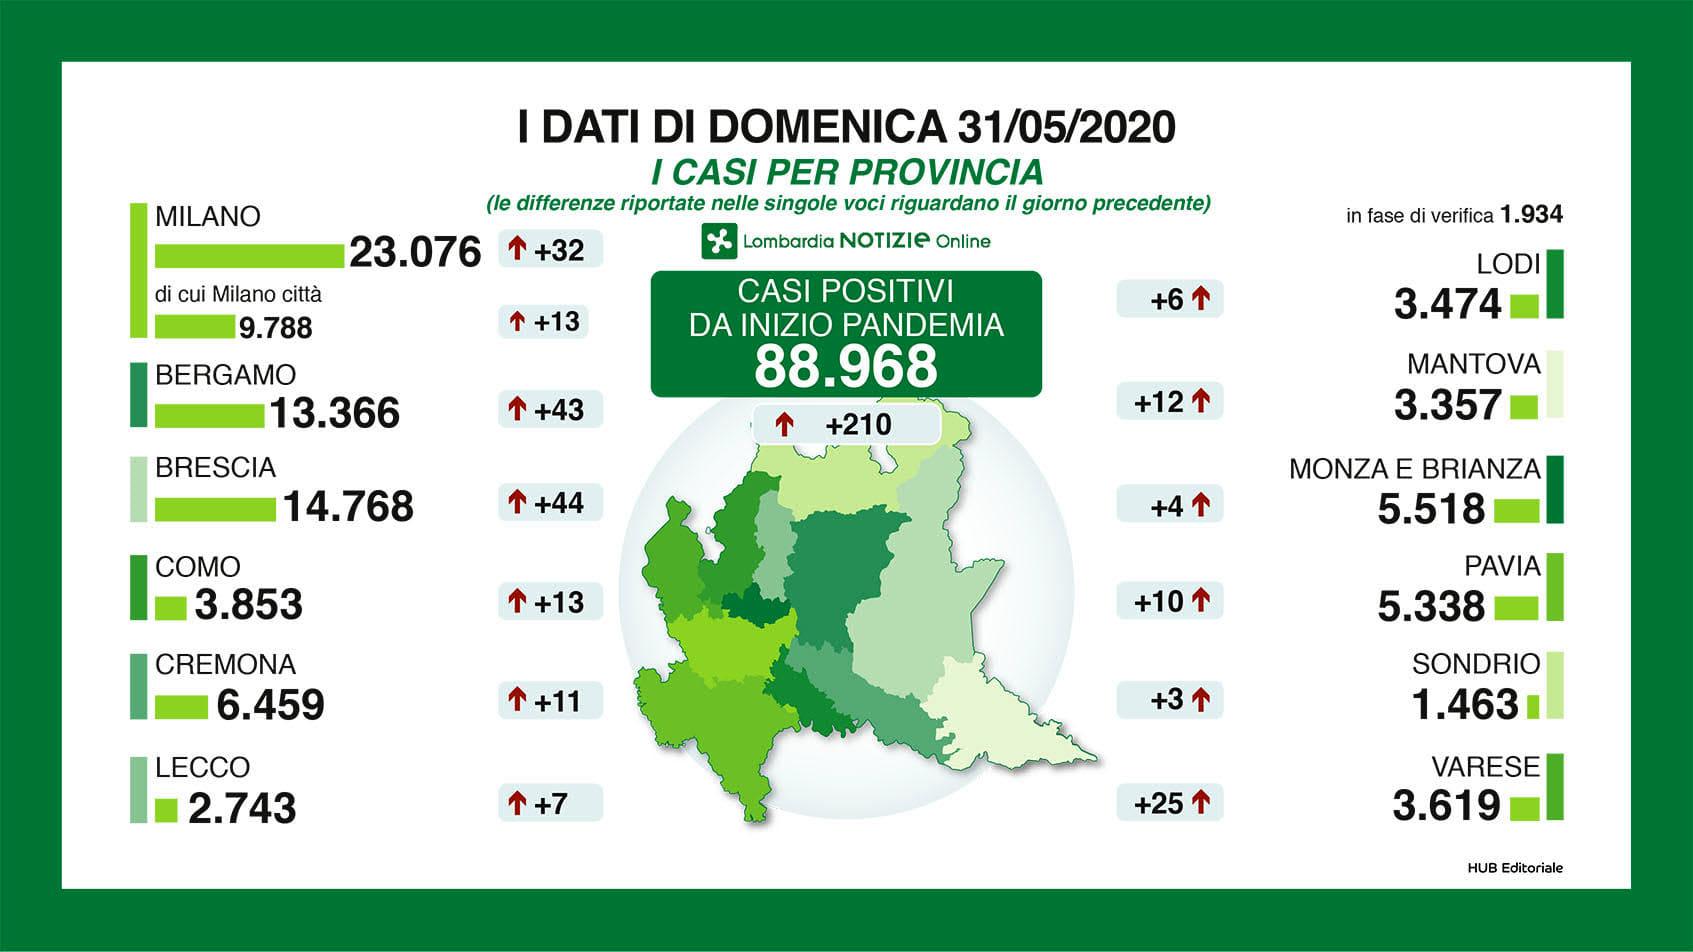 dati-per-provincia-31-maggio-2